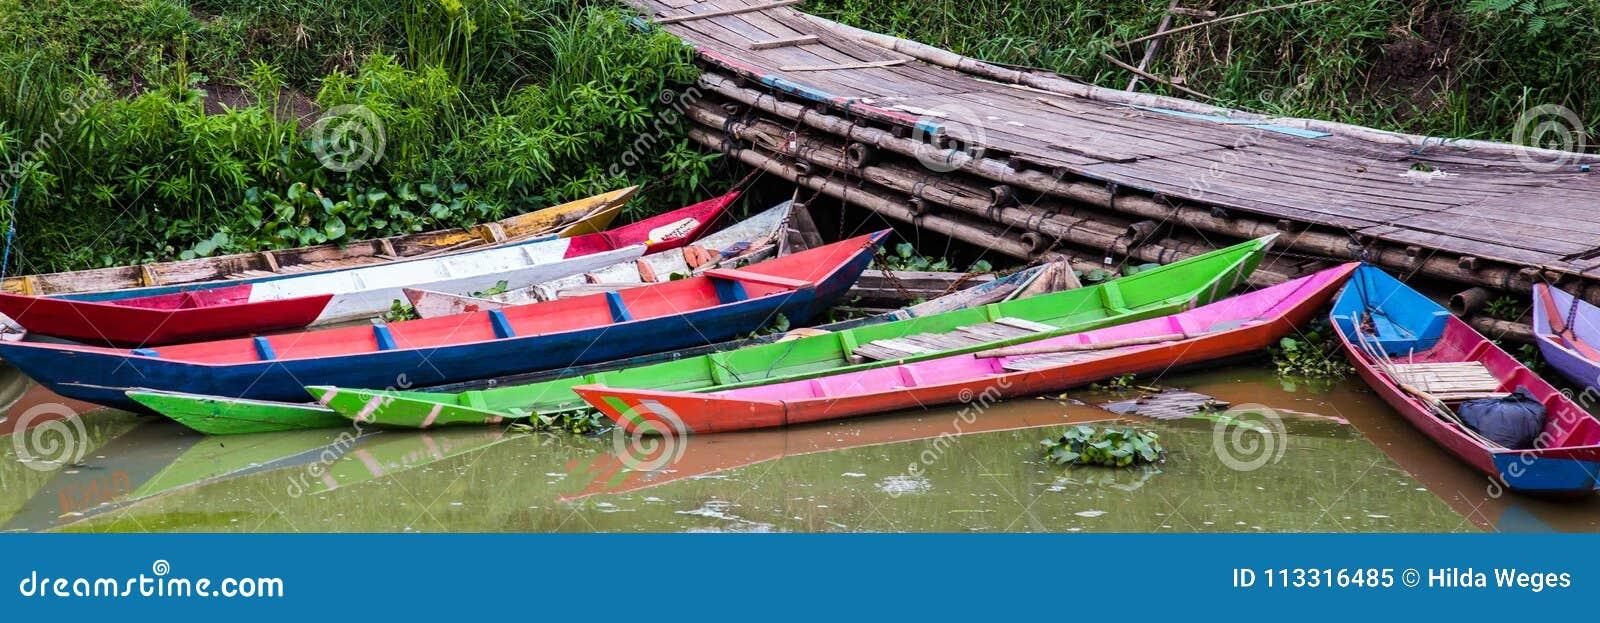 Rawapening, Semarang, Jawa Tengah, Indonesien